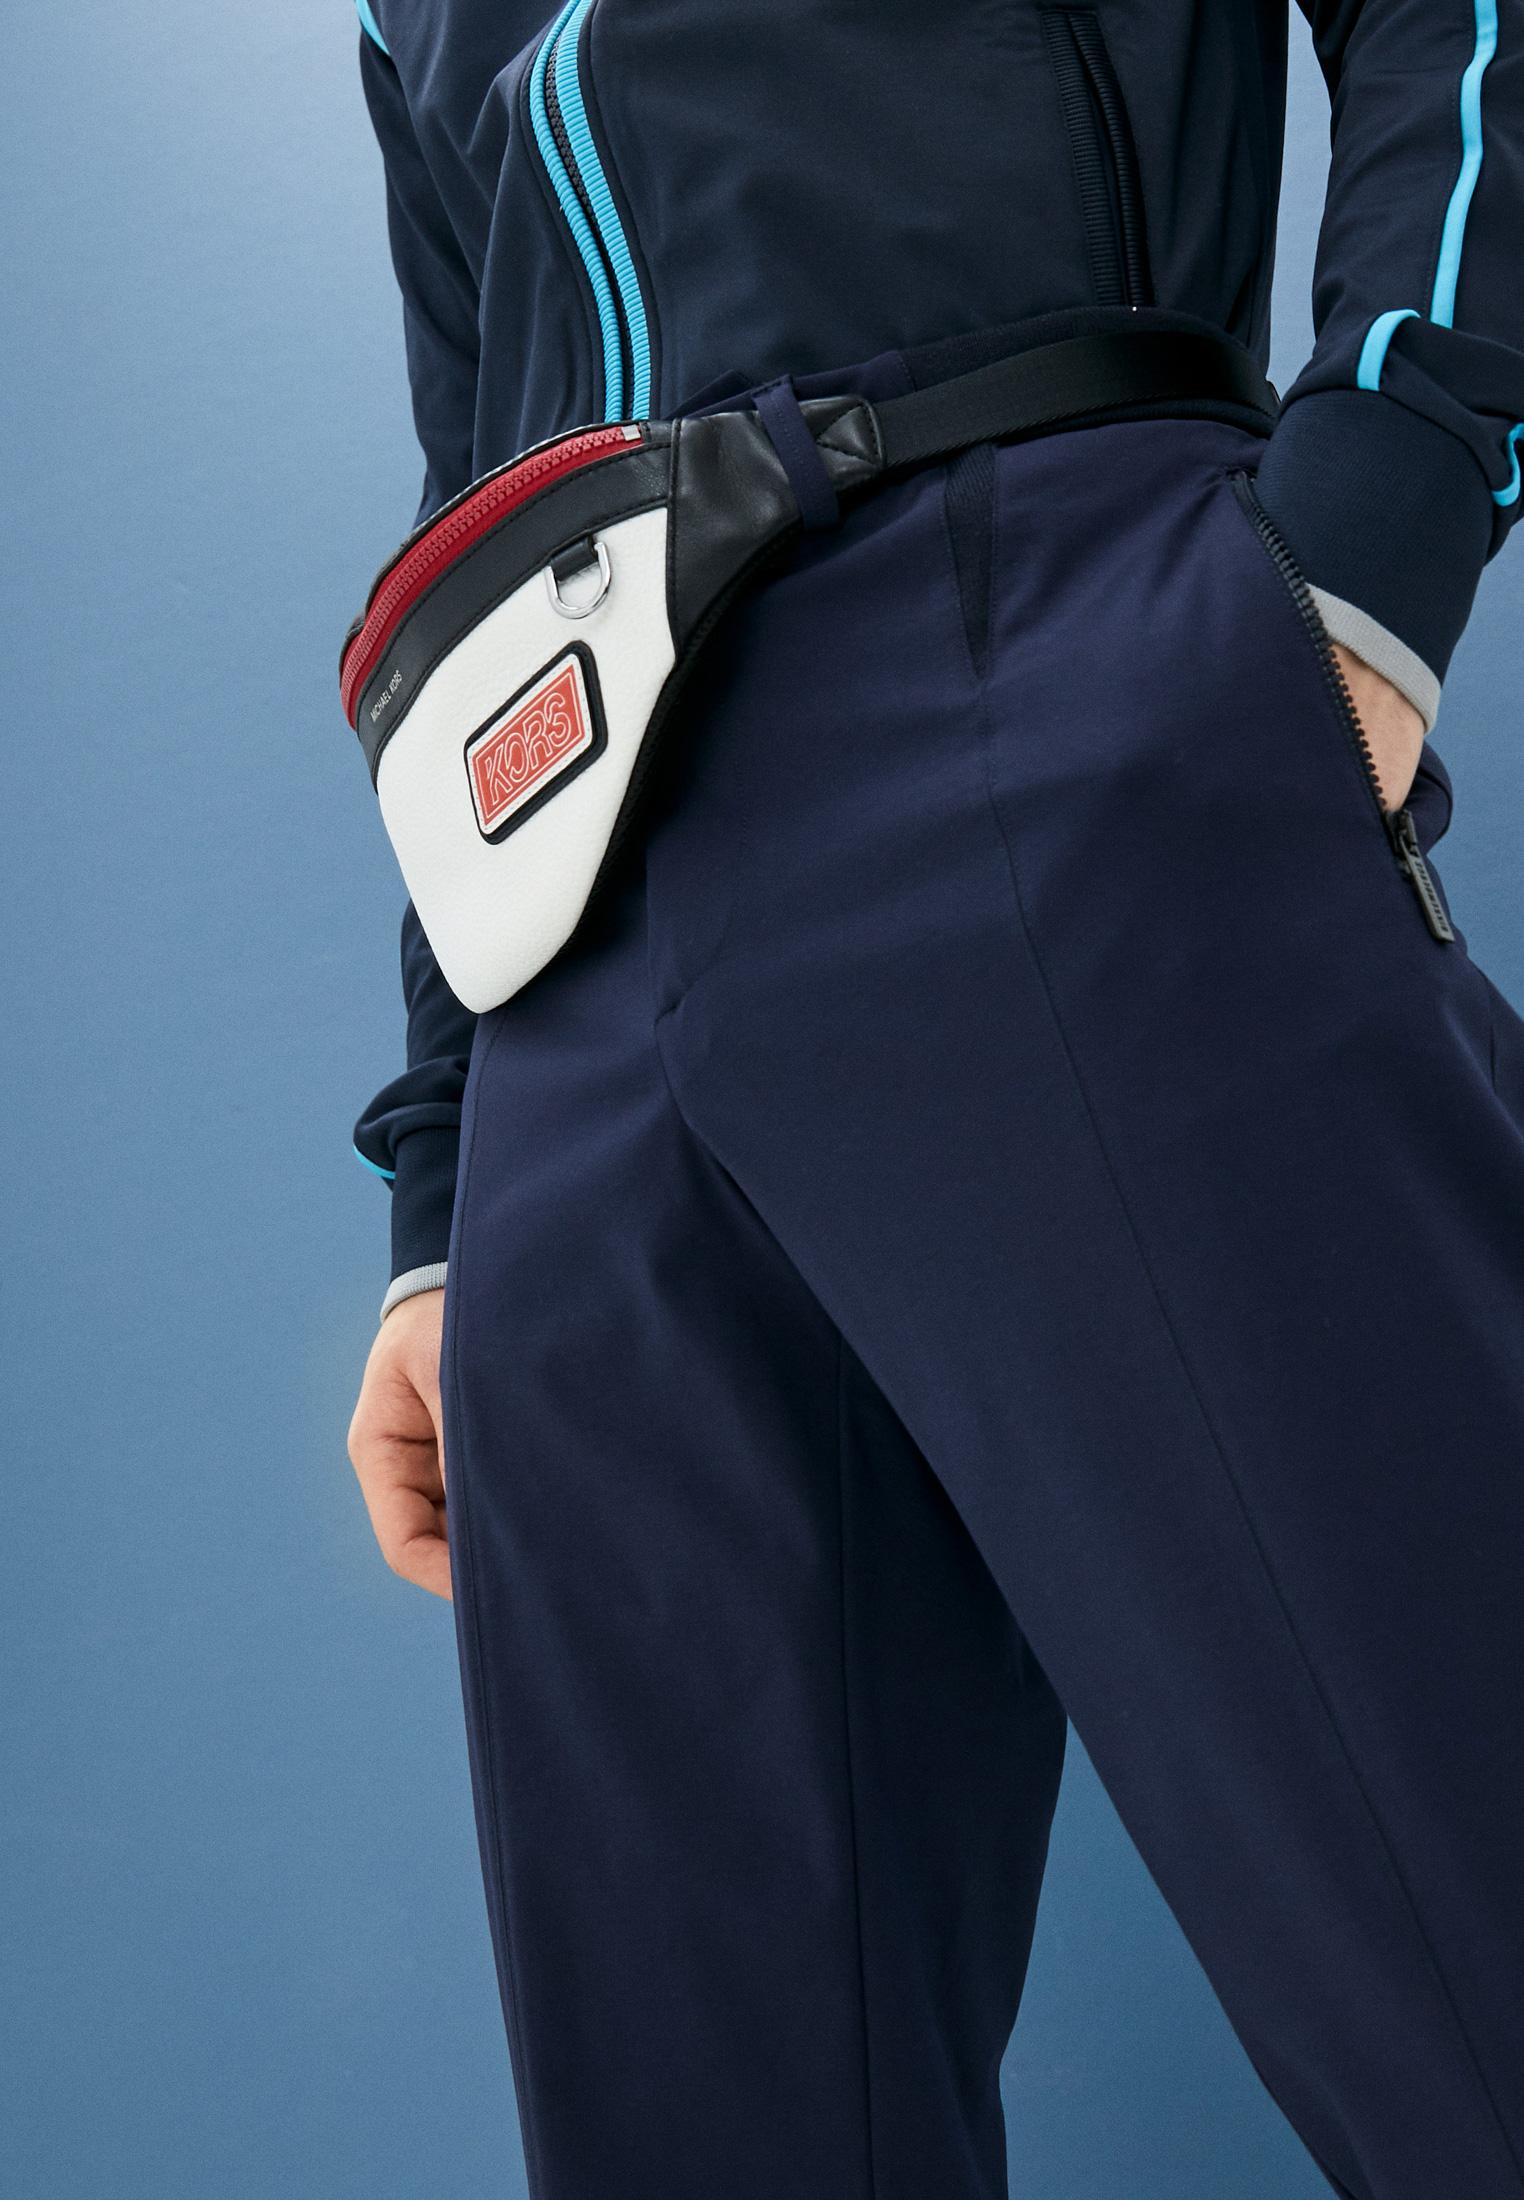 Мужские повседневные брюки Bikkembergs (Биккембергс) C 1 142 00 e 2031: изображение 2